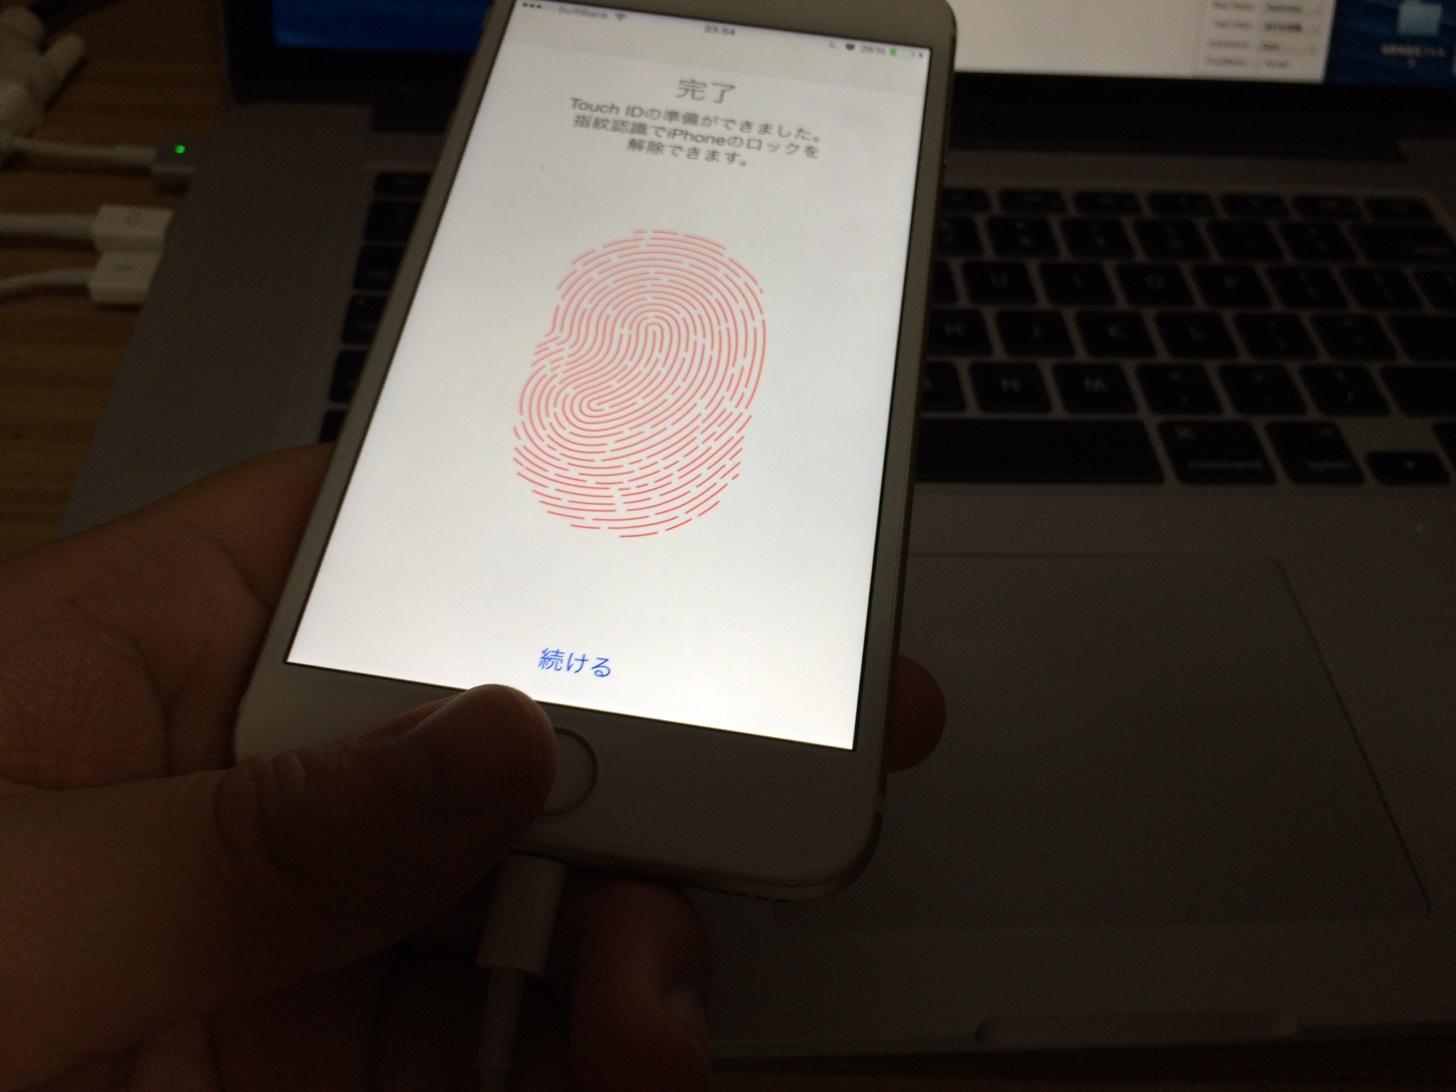 真っ赤になったら指紋認証の設定は完了です。